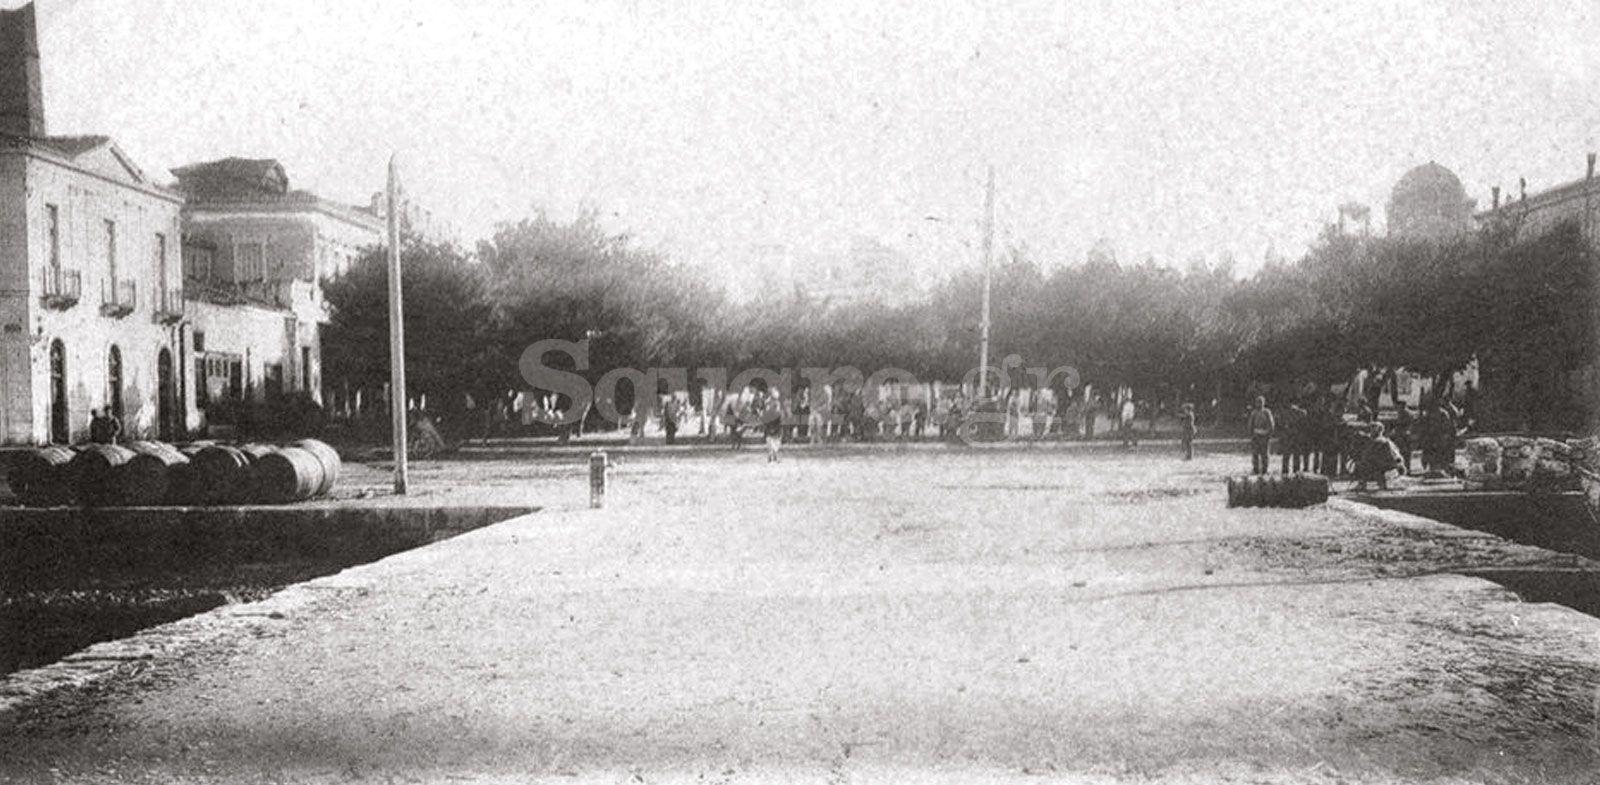 2-61-Το-Παράλιον-αρχές-του-20ου-αιώνα-πρόχειρο-καμπαναριό-του-Αγίου-Νικολάου-Ιωαννίδης-ΕΕΣ